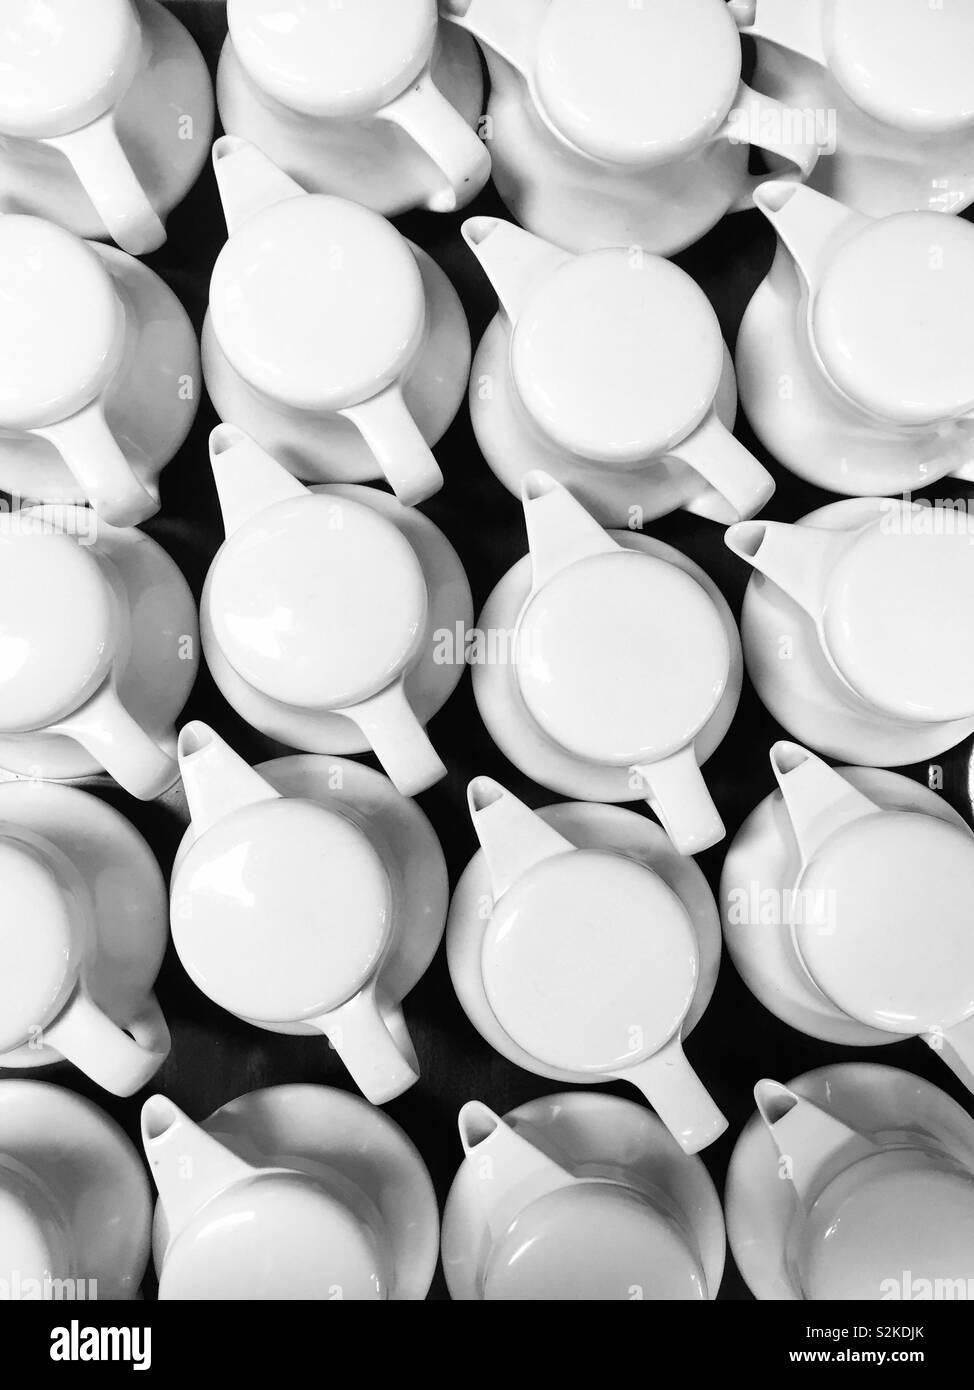 Groupe de pots de thé blanc dans les lignes d'en-haut. Forme des formes et des motifs, regardant vers le bas sur plusieurs théières blanc sur noir, table de restaurant ou un café. Photo Stock